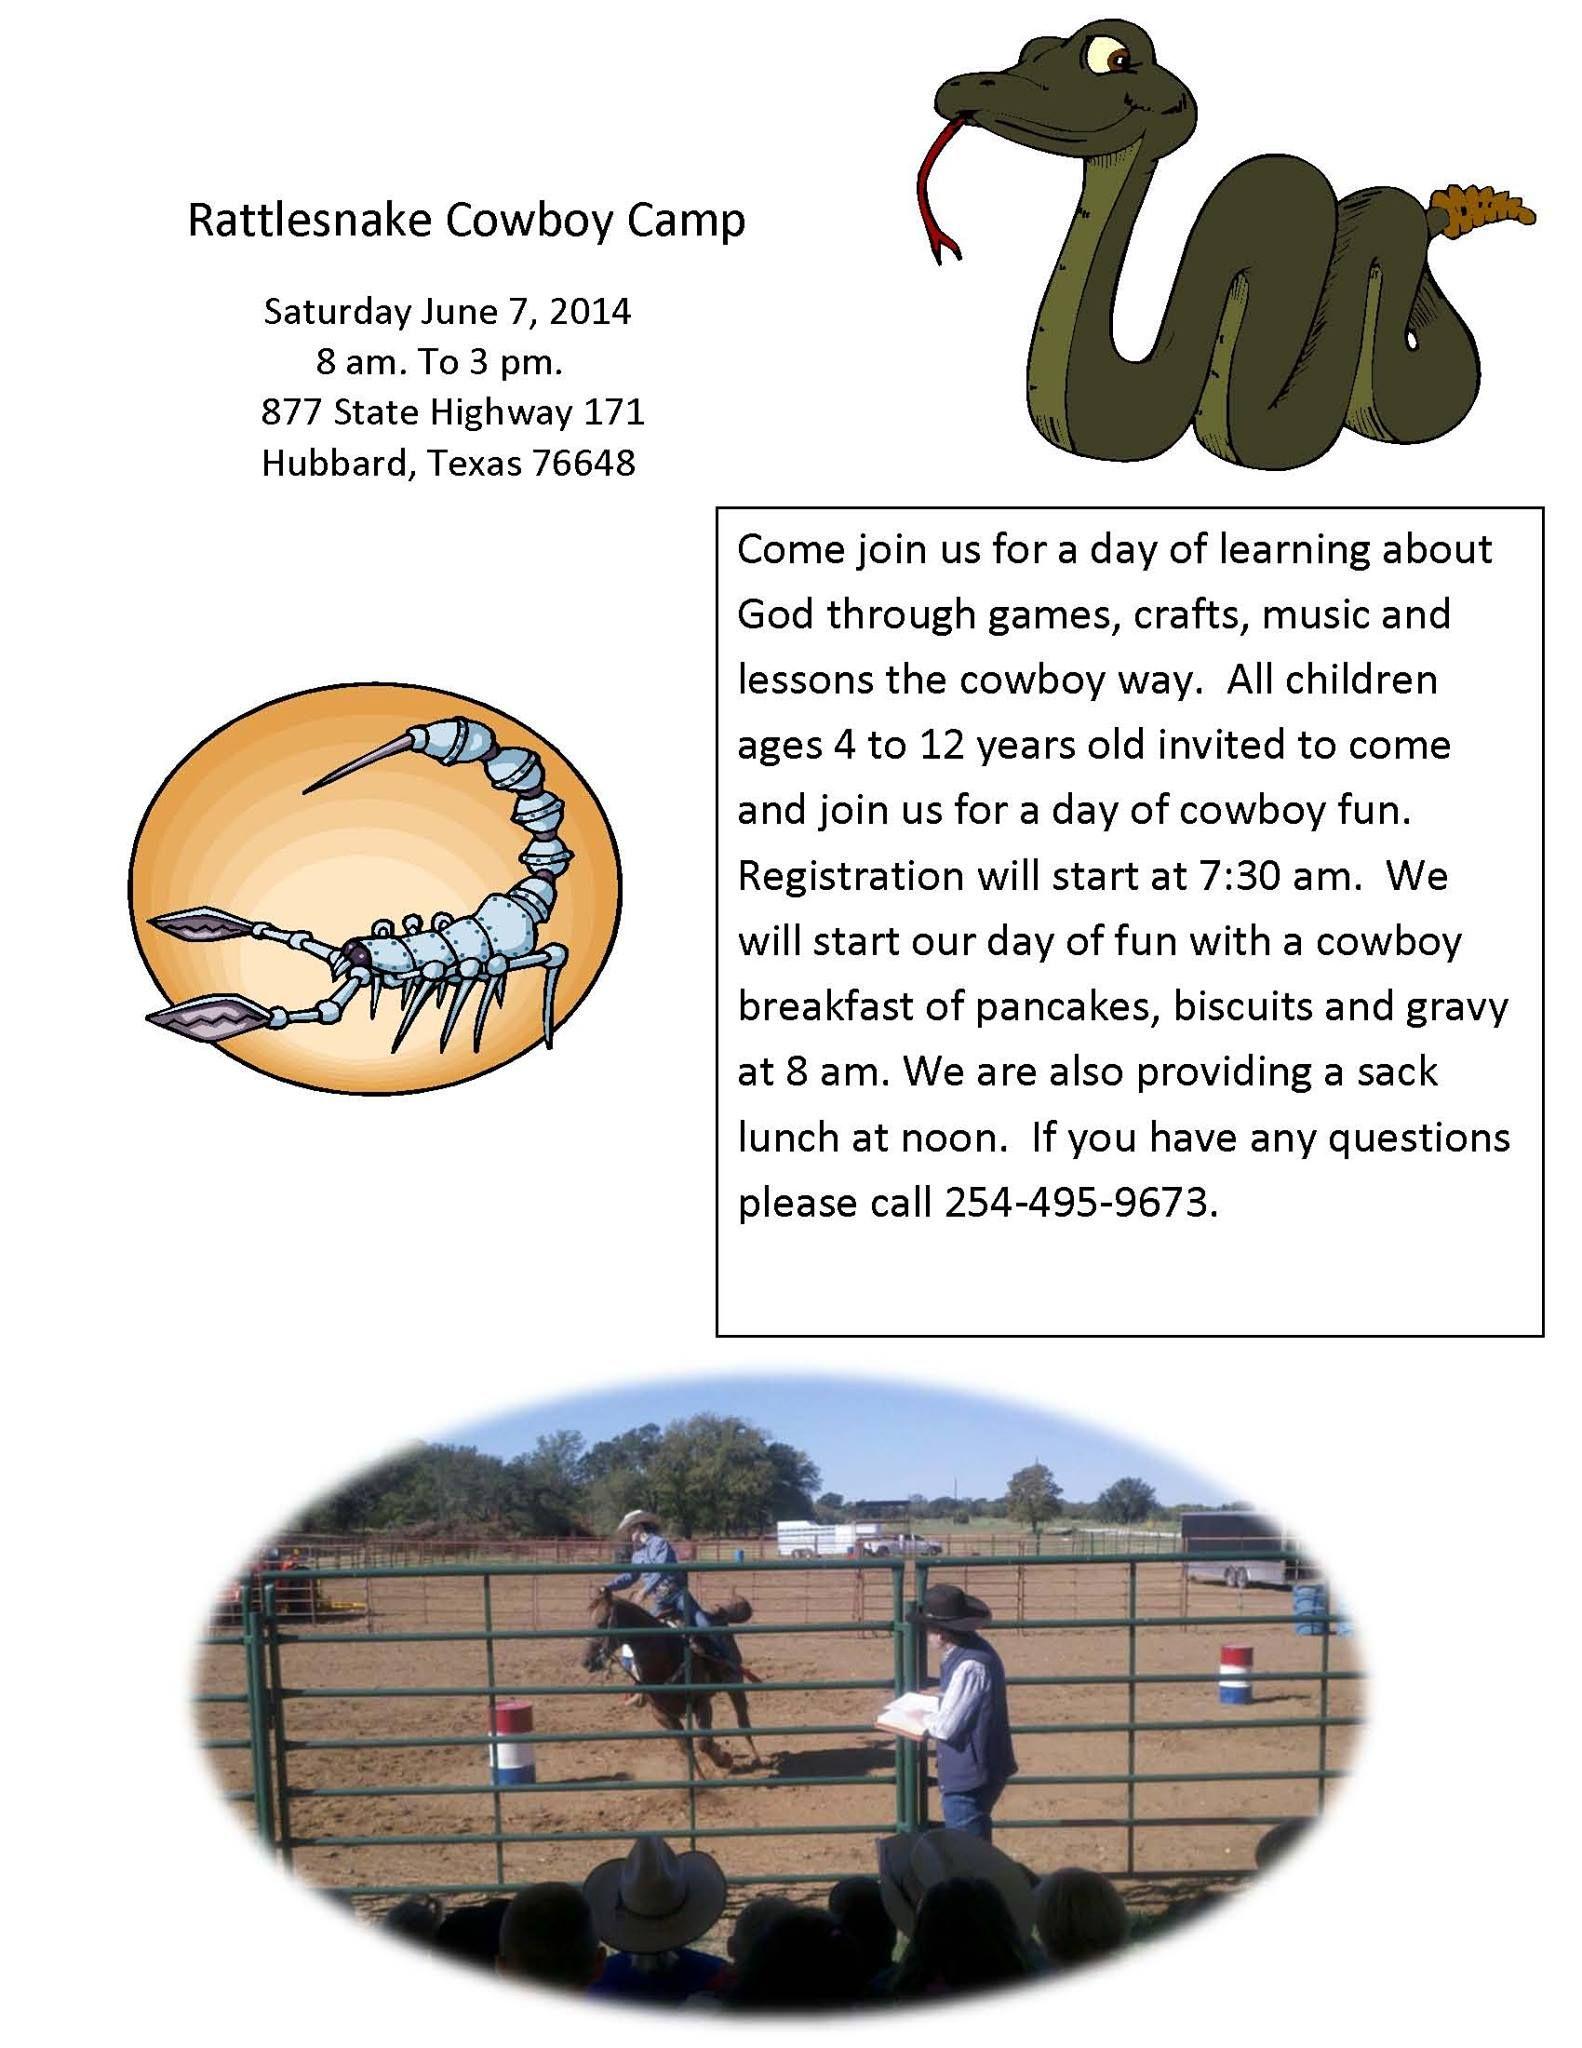 Rattlesnake Cowboy Kids Camp Bbard Tx